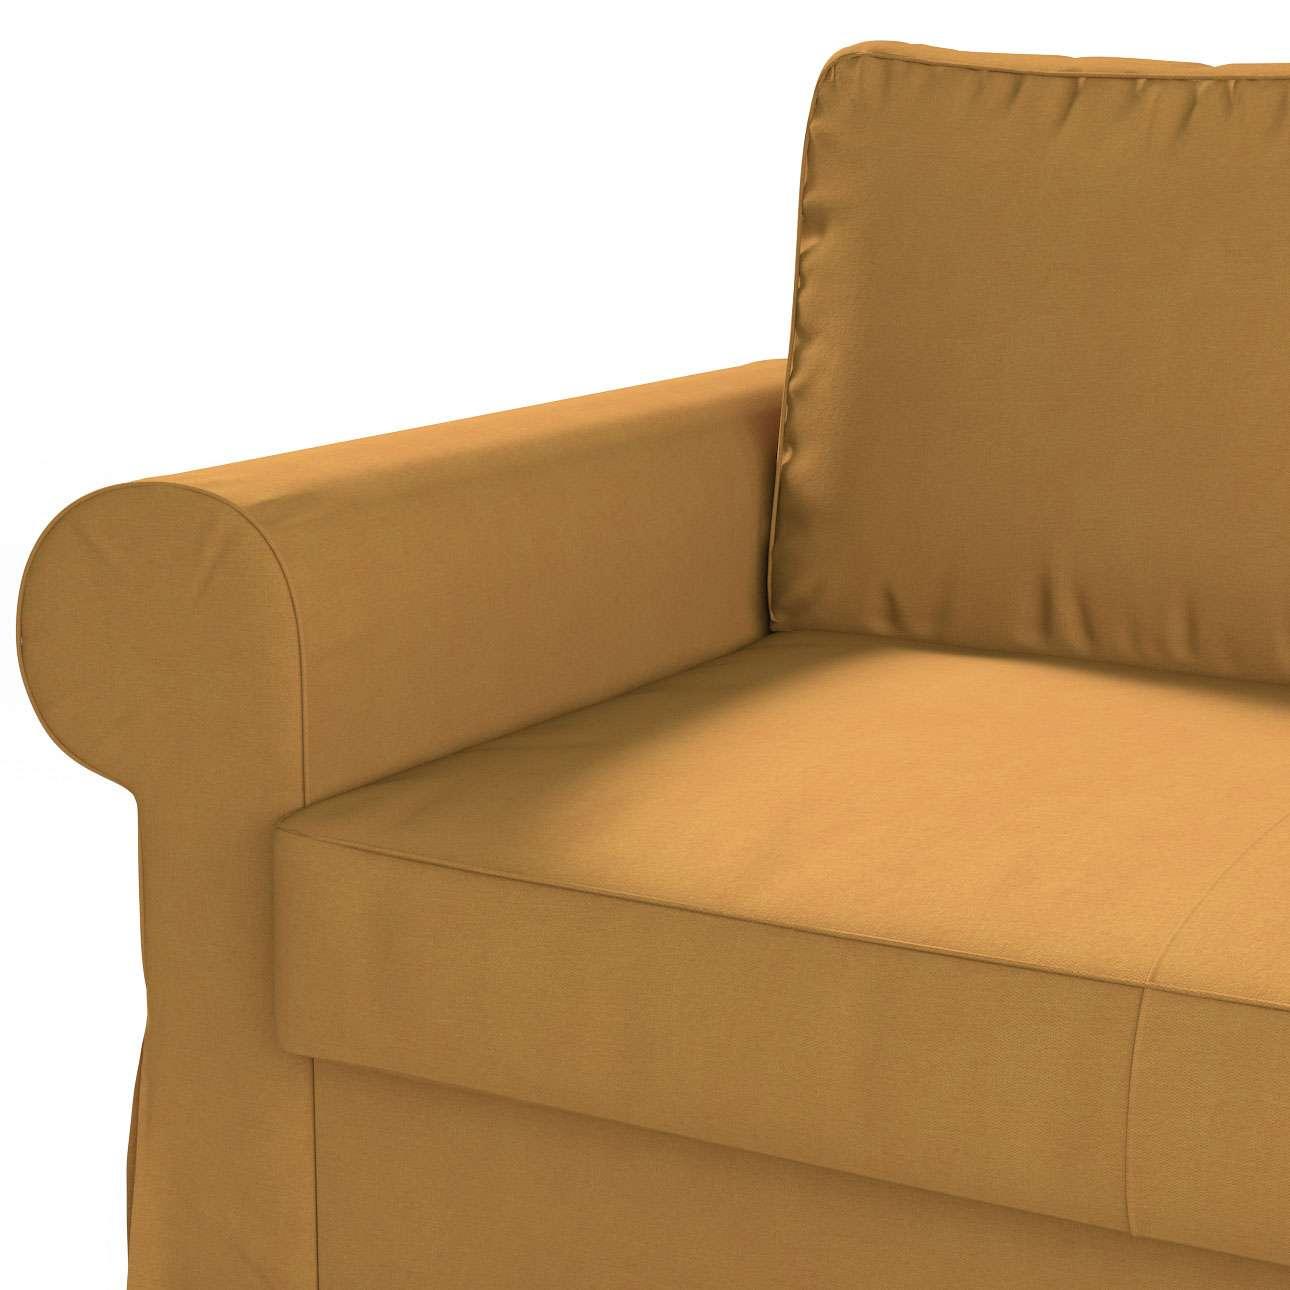 Pokrowiec na sofę Backabro 2-osobową rozkładaną w kolekcji Etna, tkanina: 705-04